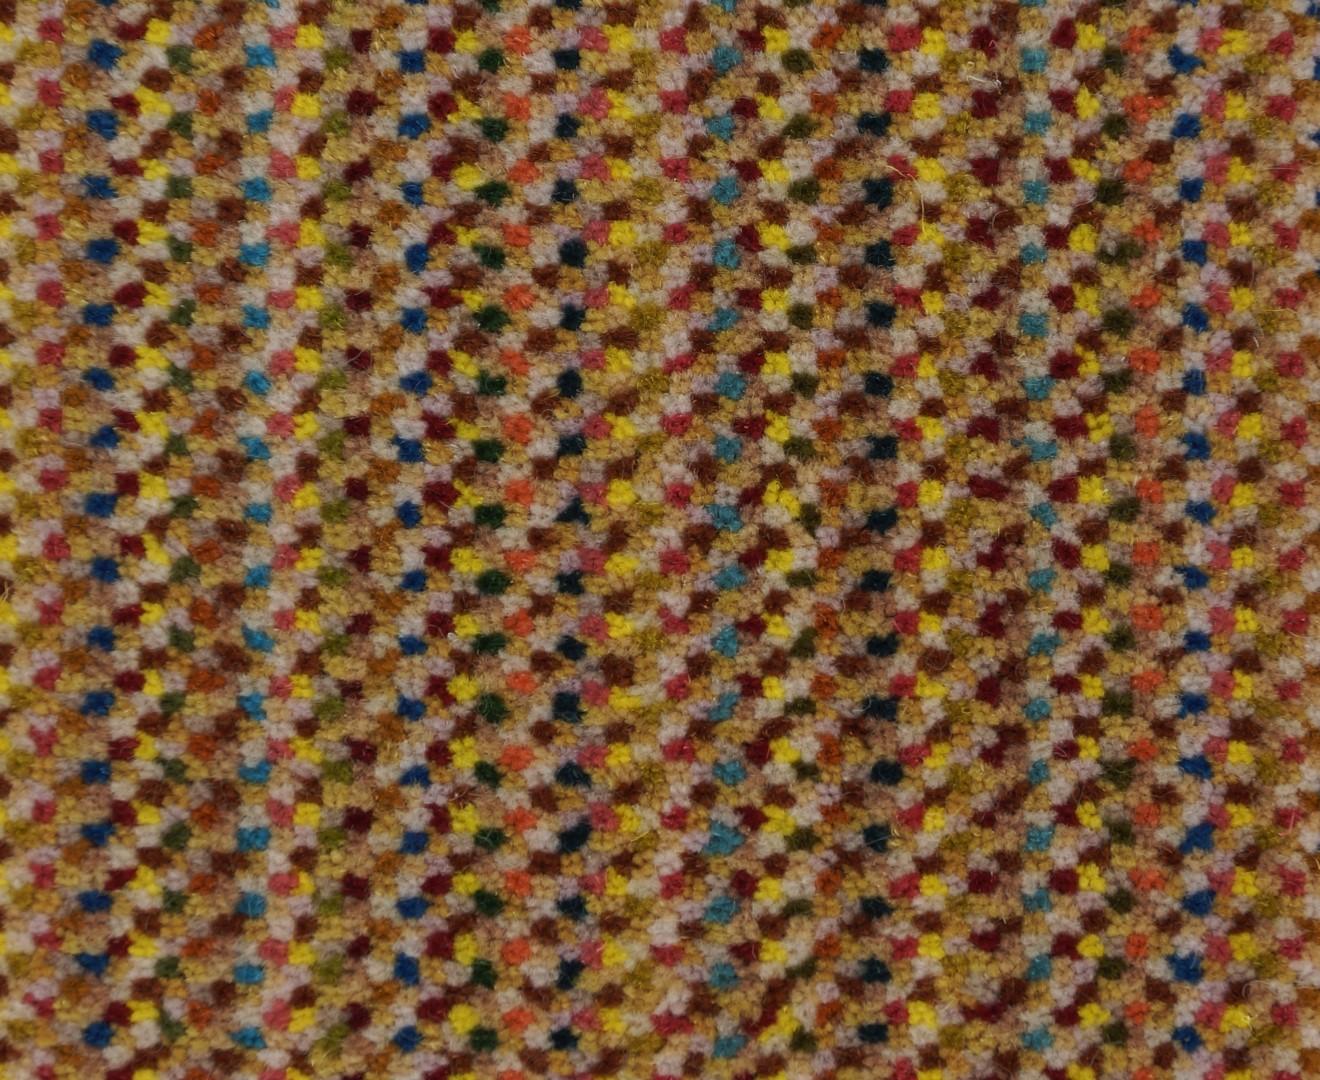 Moquette tiss e 100 laine unie structur e ray e milpoints coup miel collection textile for Moquette rayee